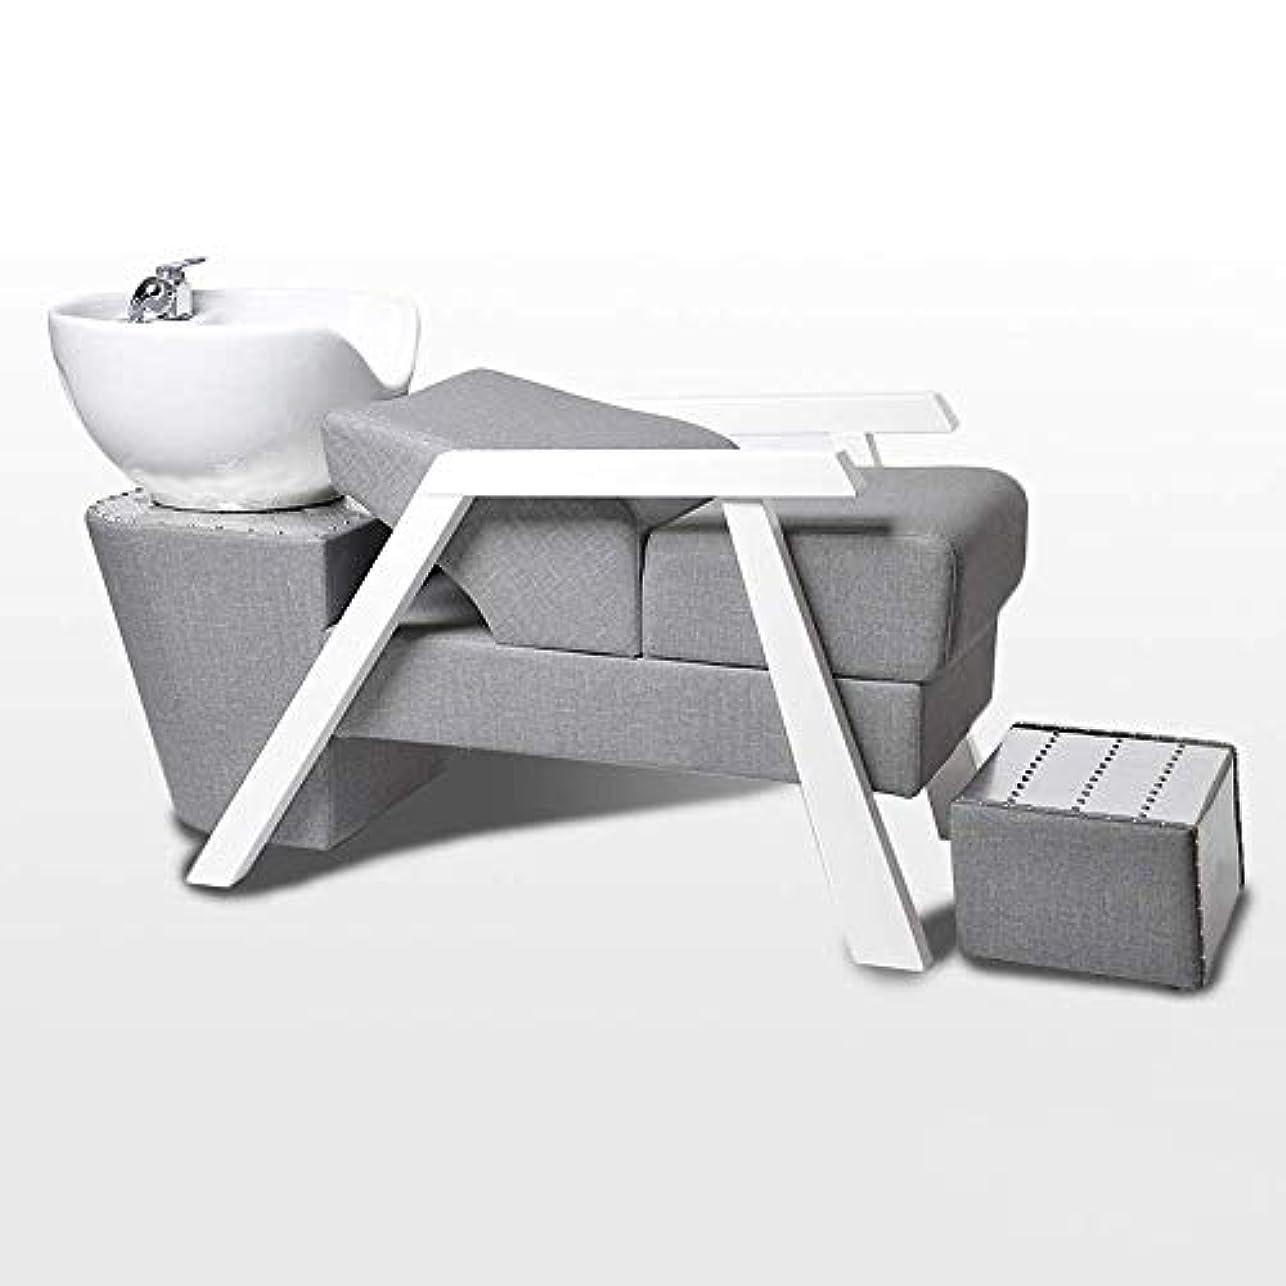 スイ継承不器用シャンプーチェア、鉱泉の美容院装置のための簡単な同じ高さのベッドのシャンプーボールの理髪の流しの椅子